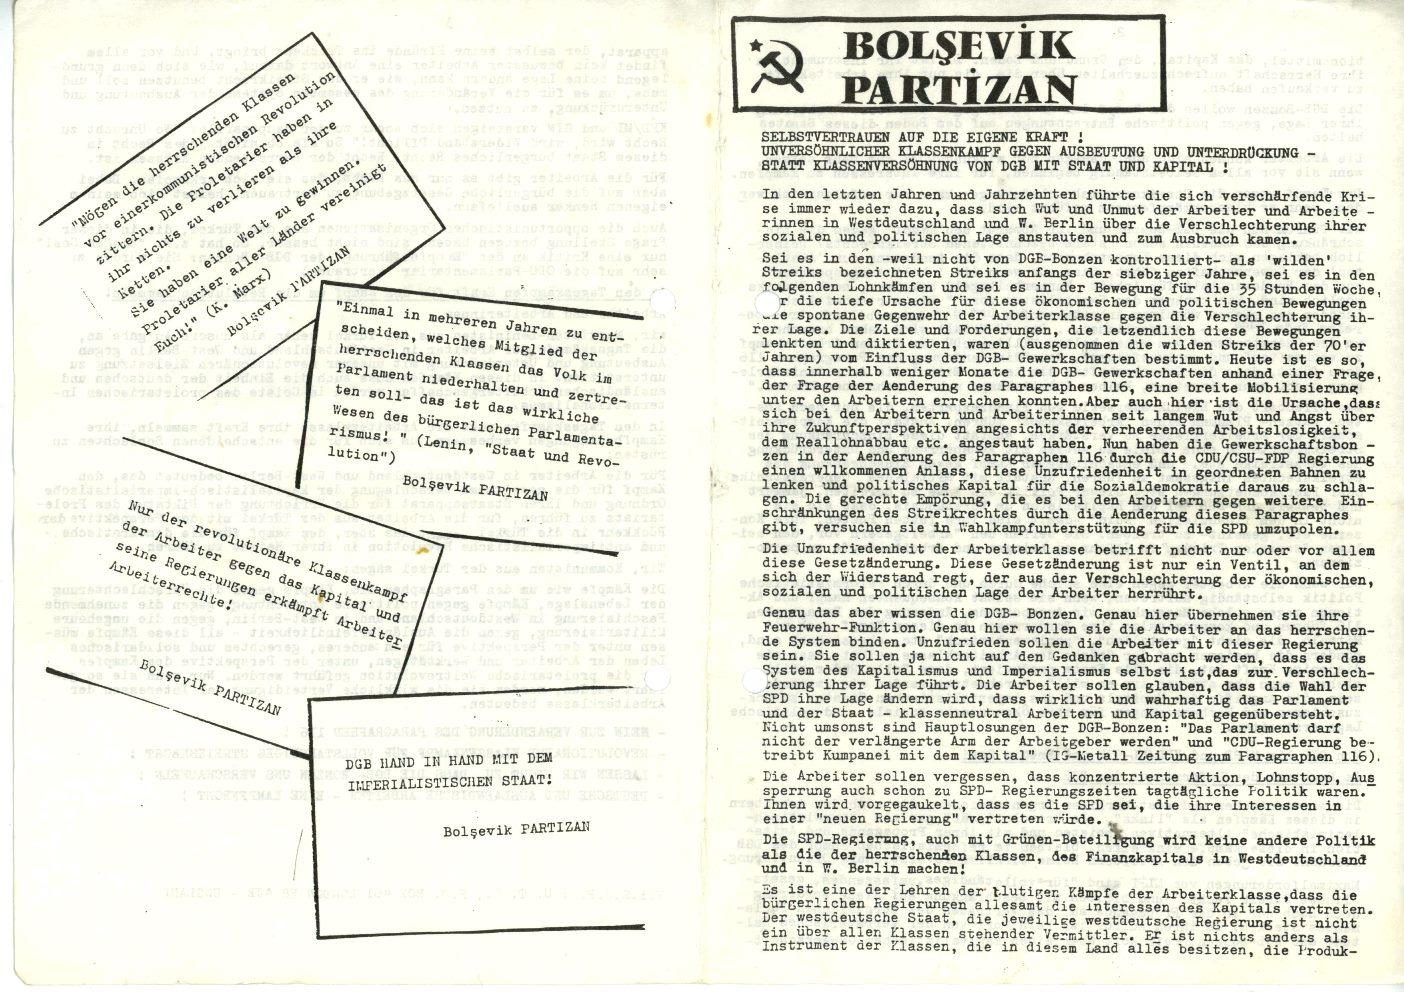 Tuerkei_Bolsevik_Partizan_Flugschriften_1985_06_01